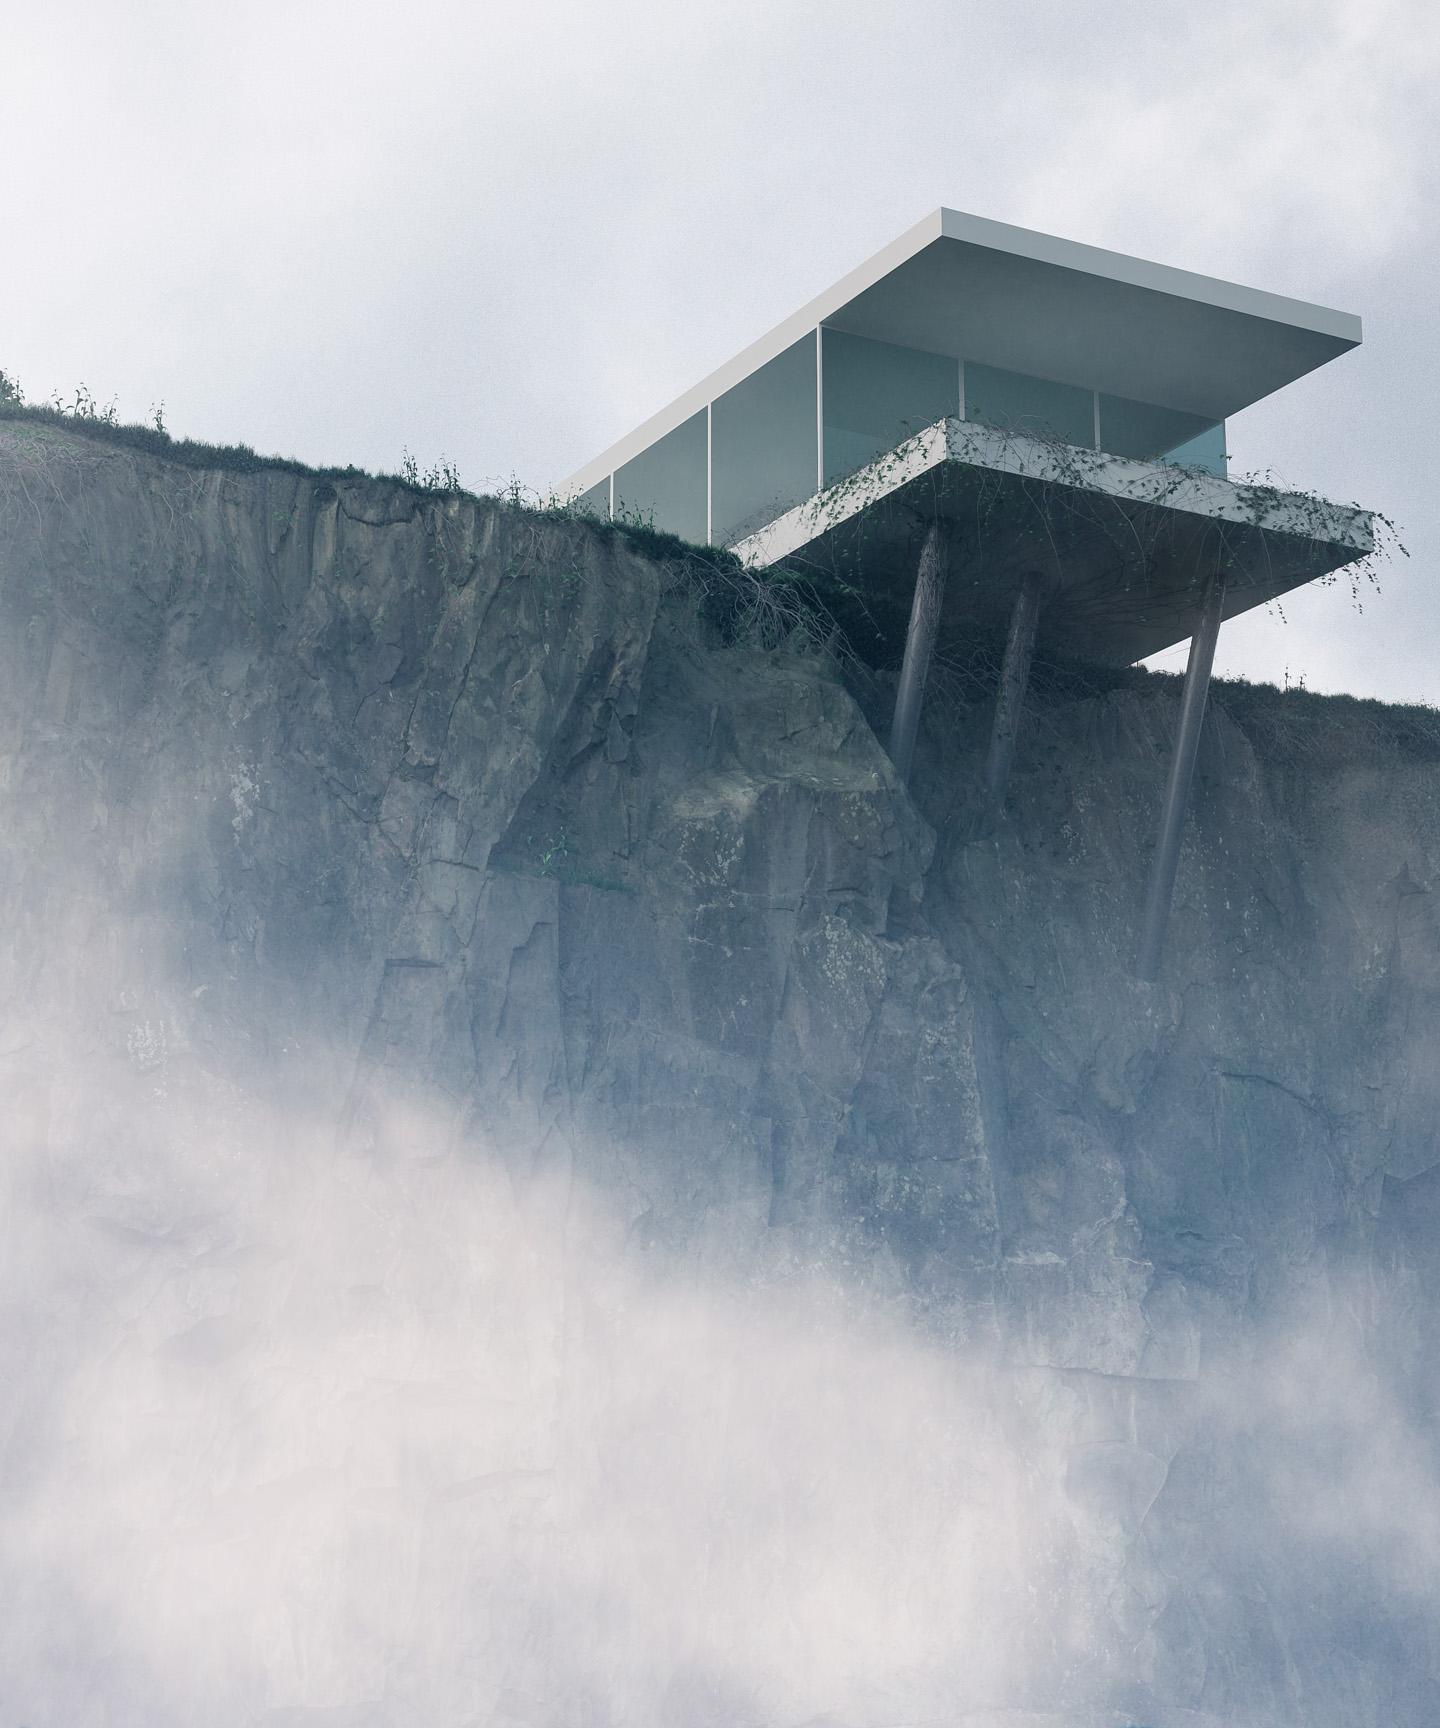 precipice 002